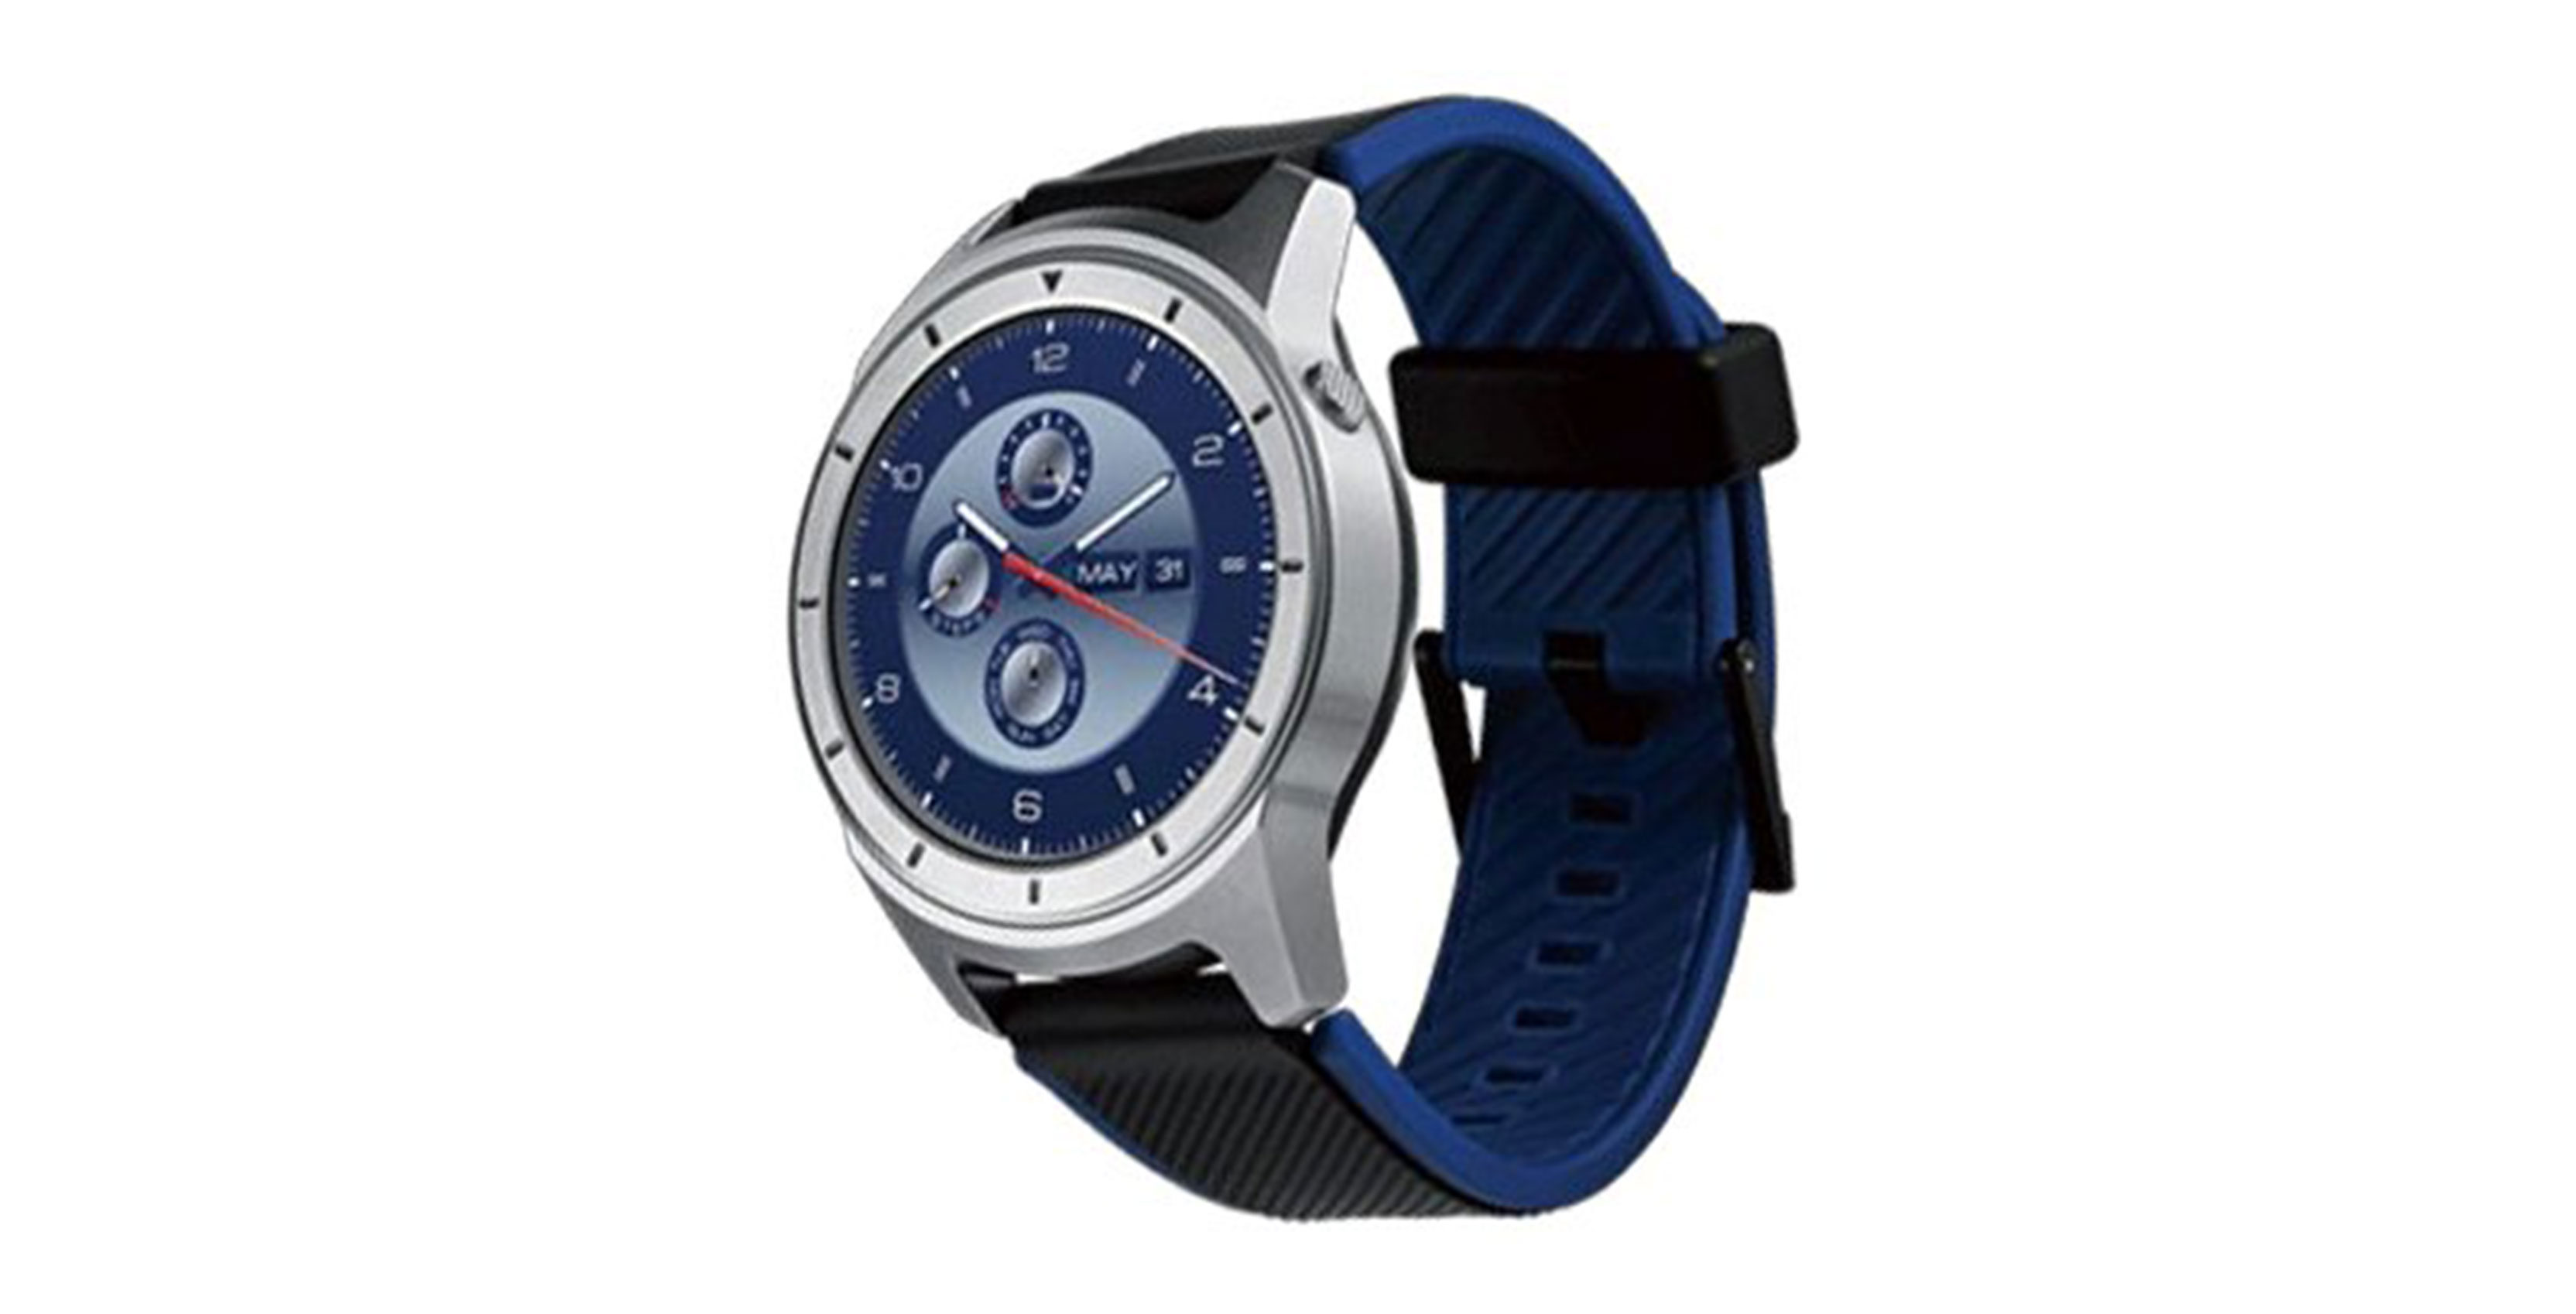 zte quartz smartwatch front